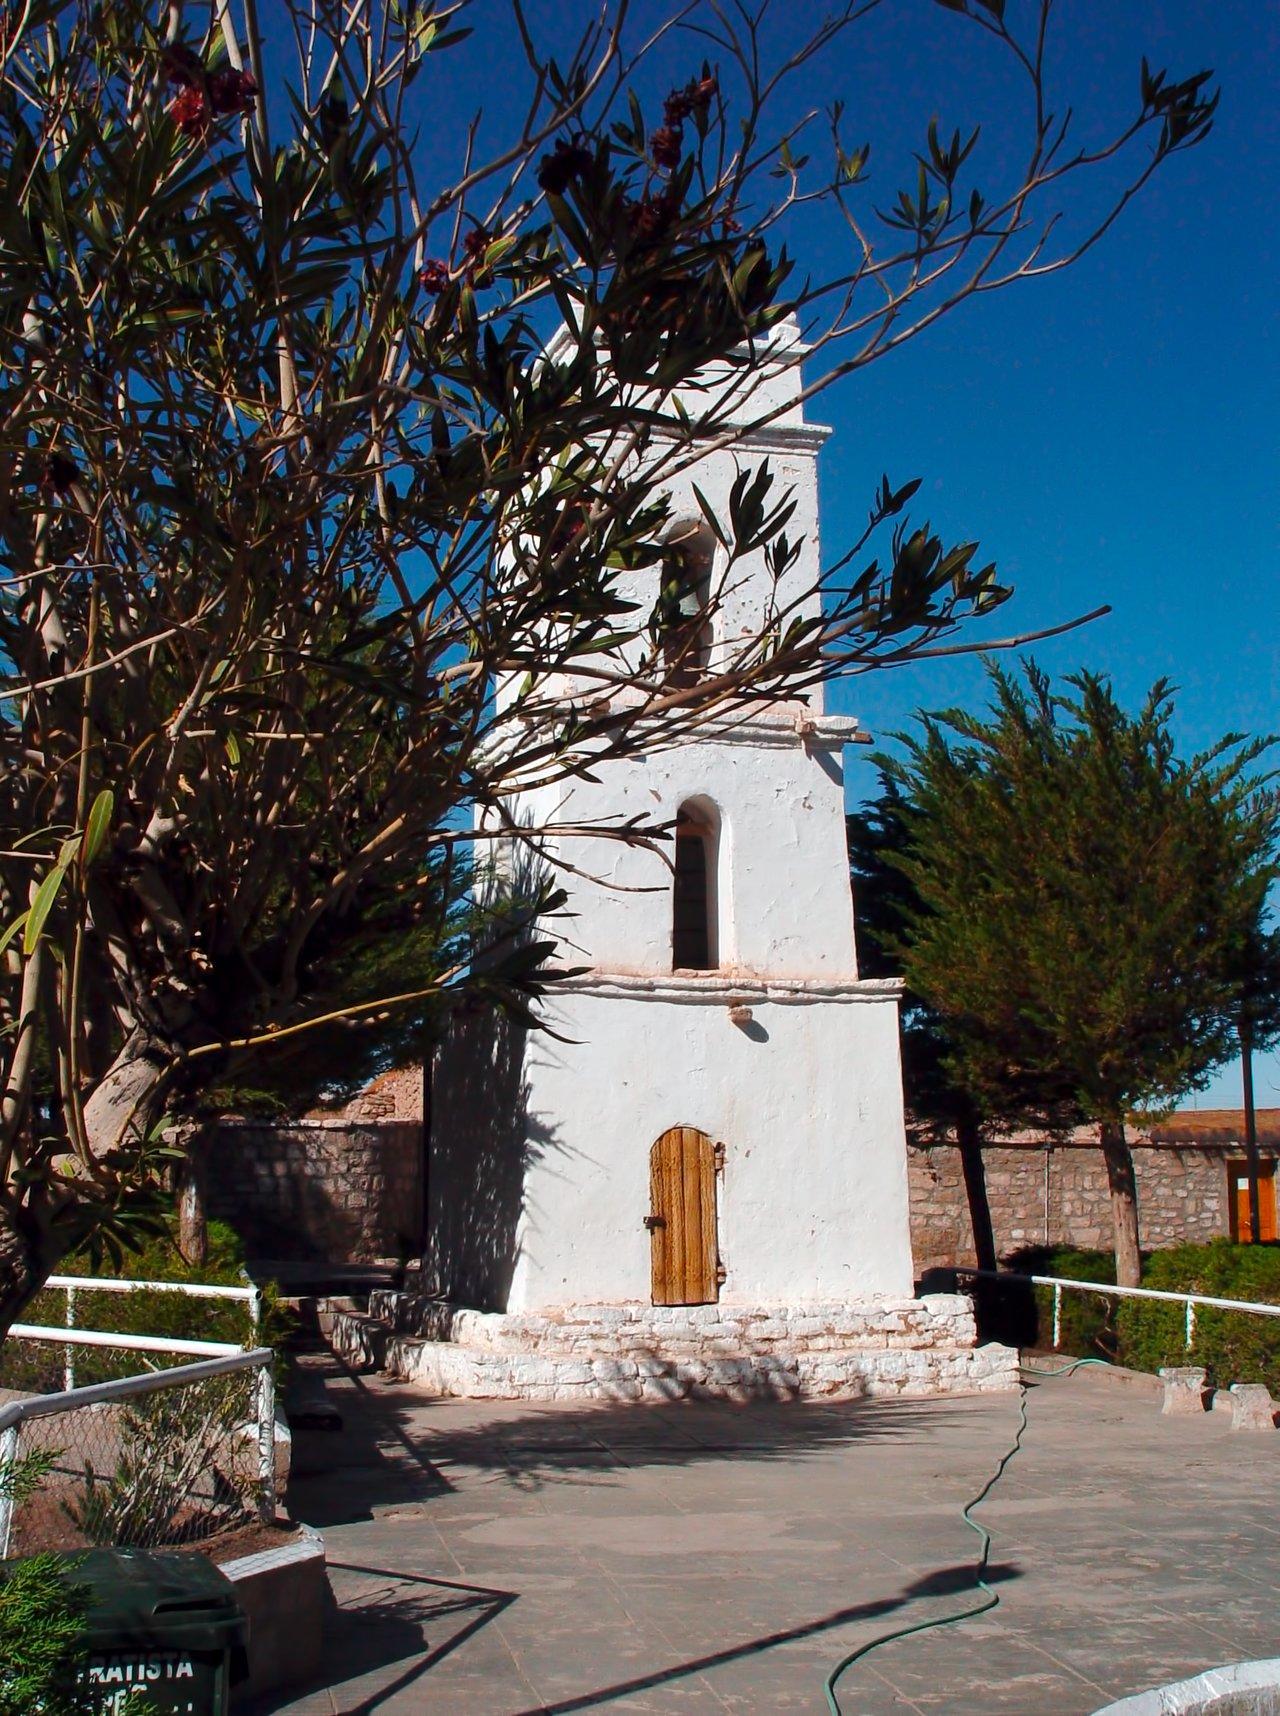 Toconao church